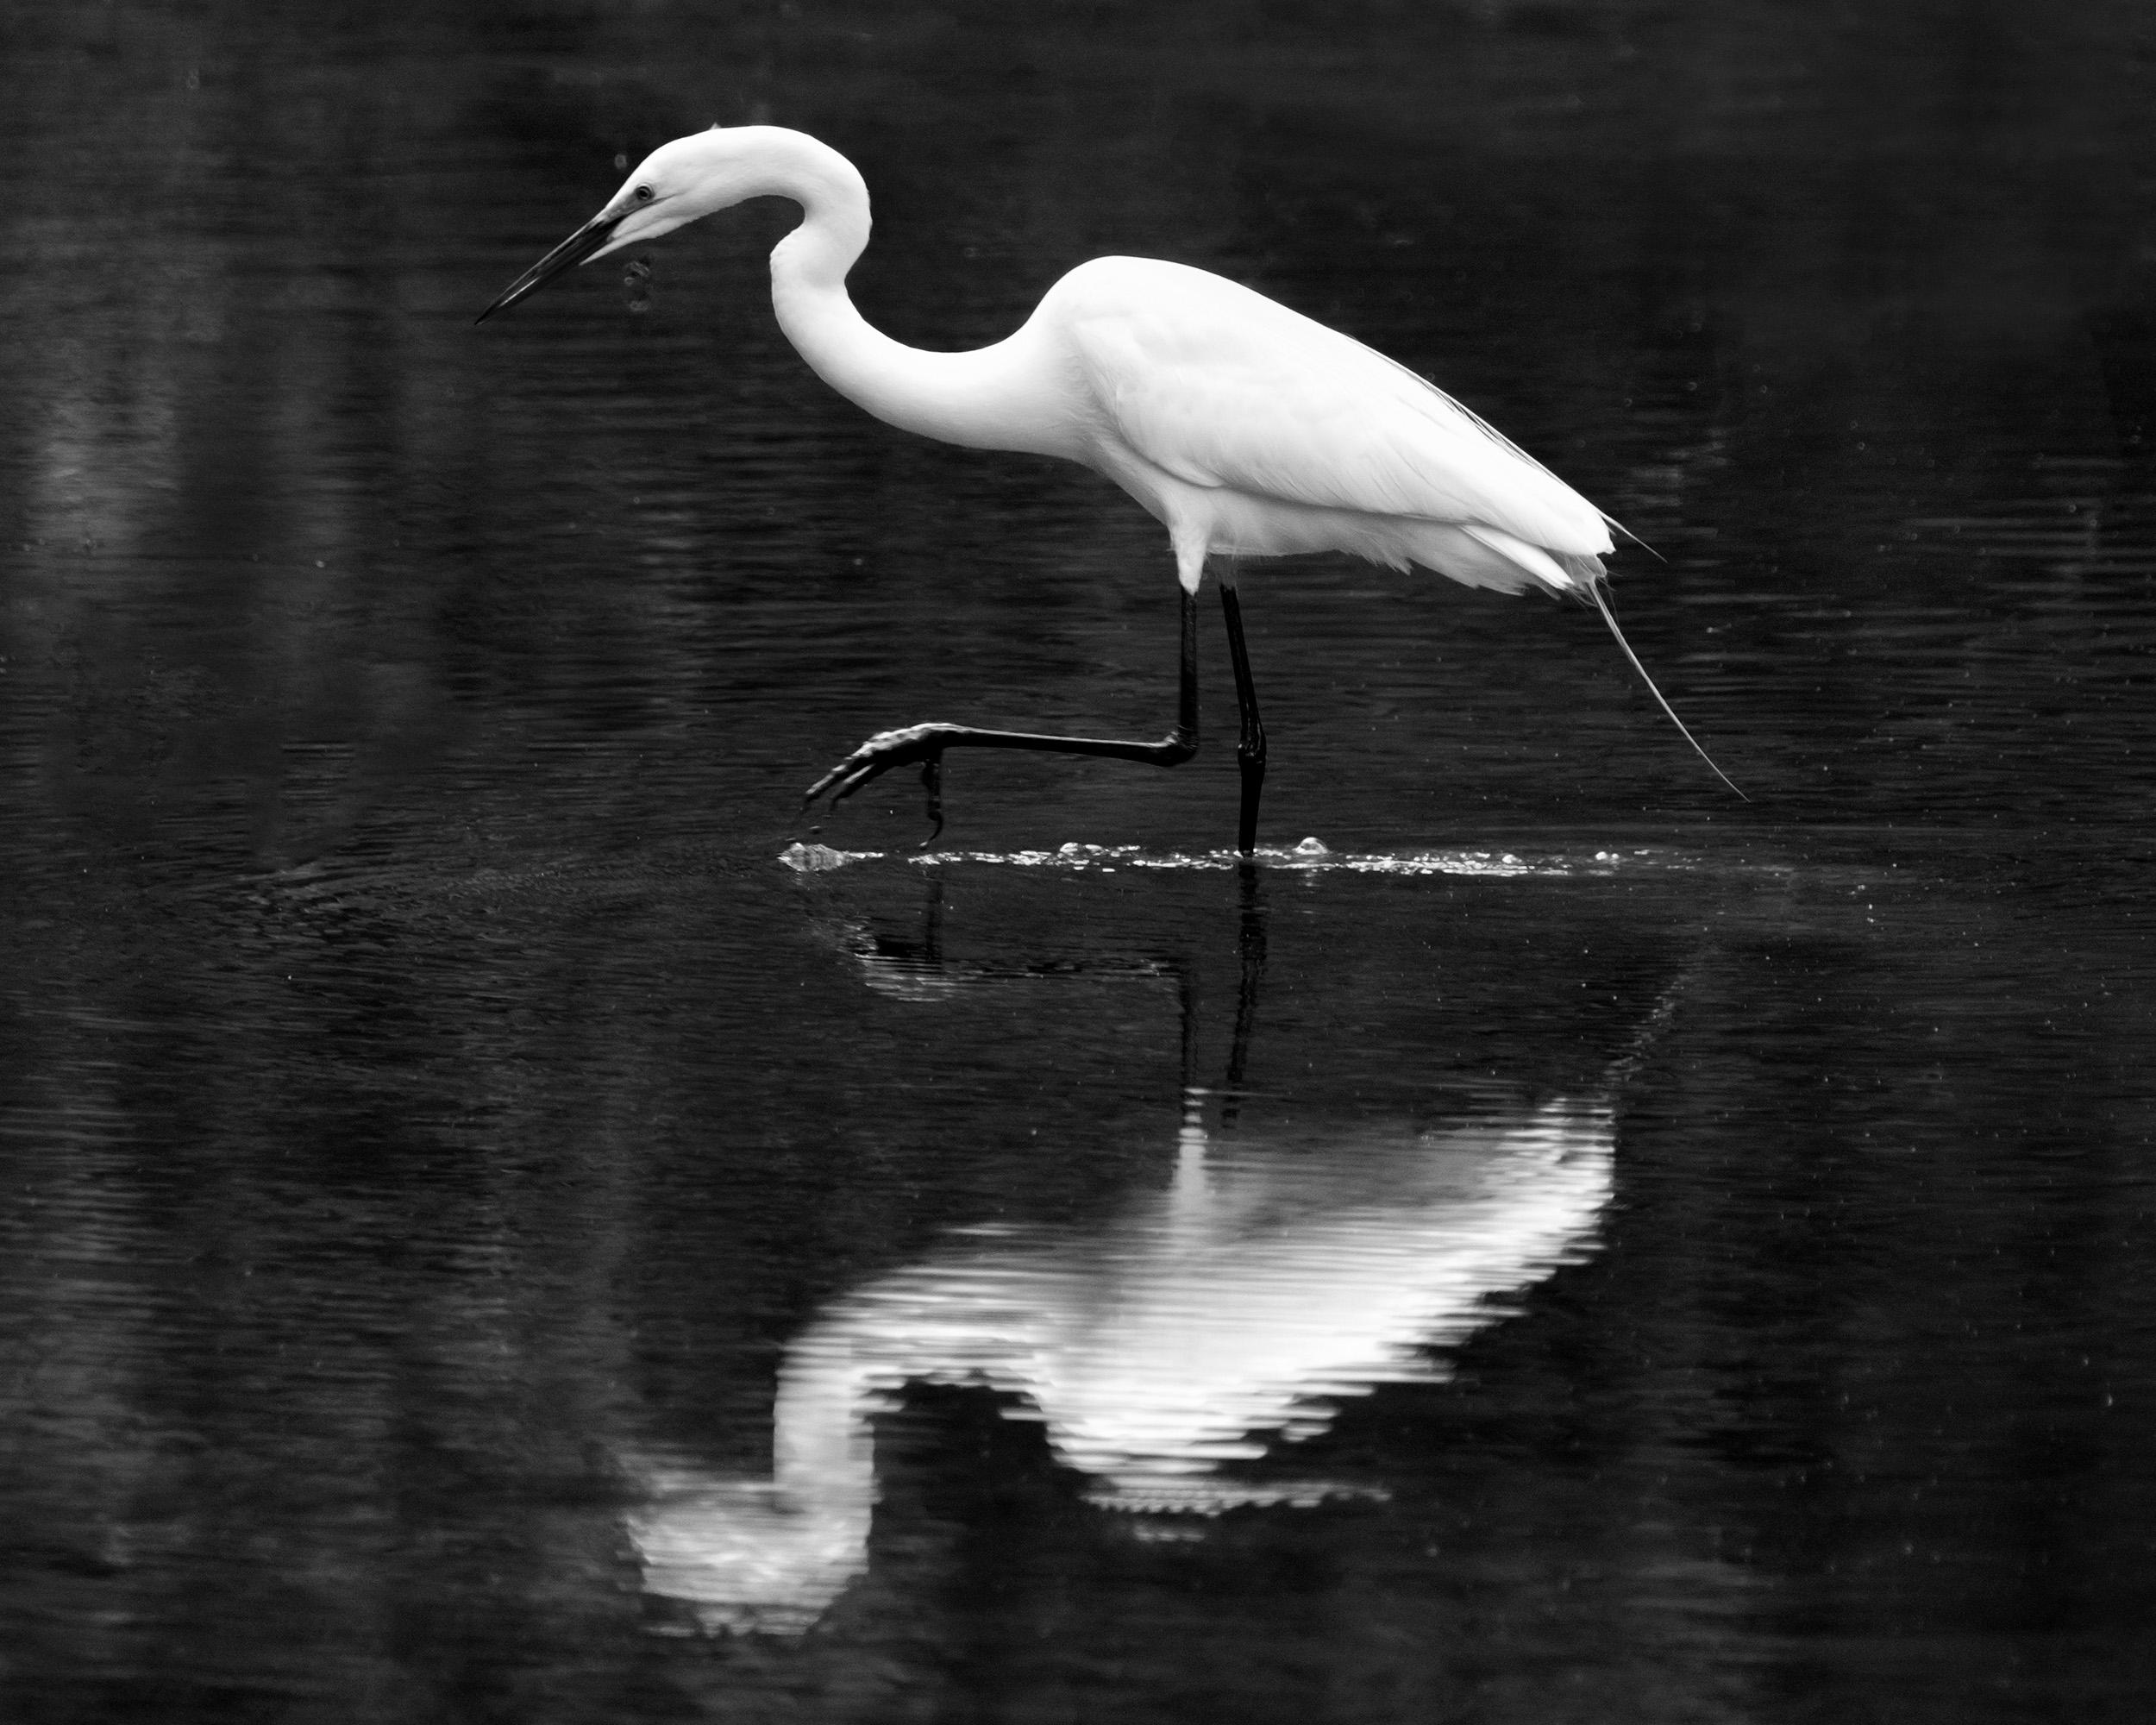 190509 XT2 Canal Birds  093-1 bw.jpg